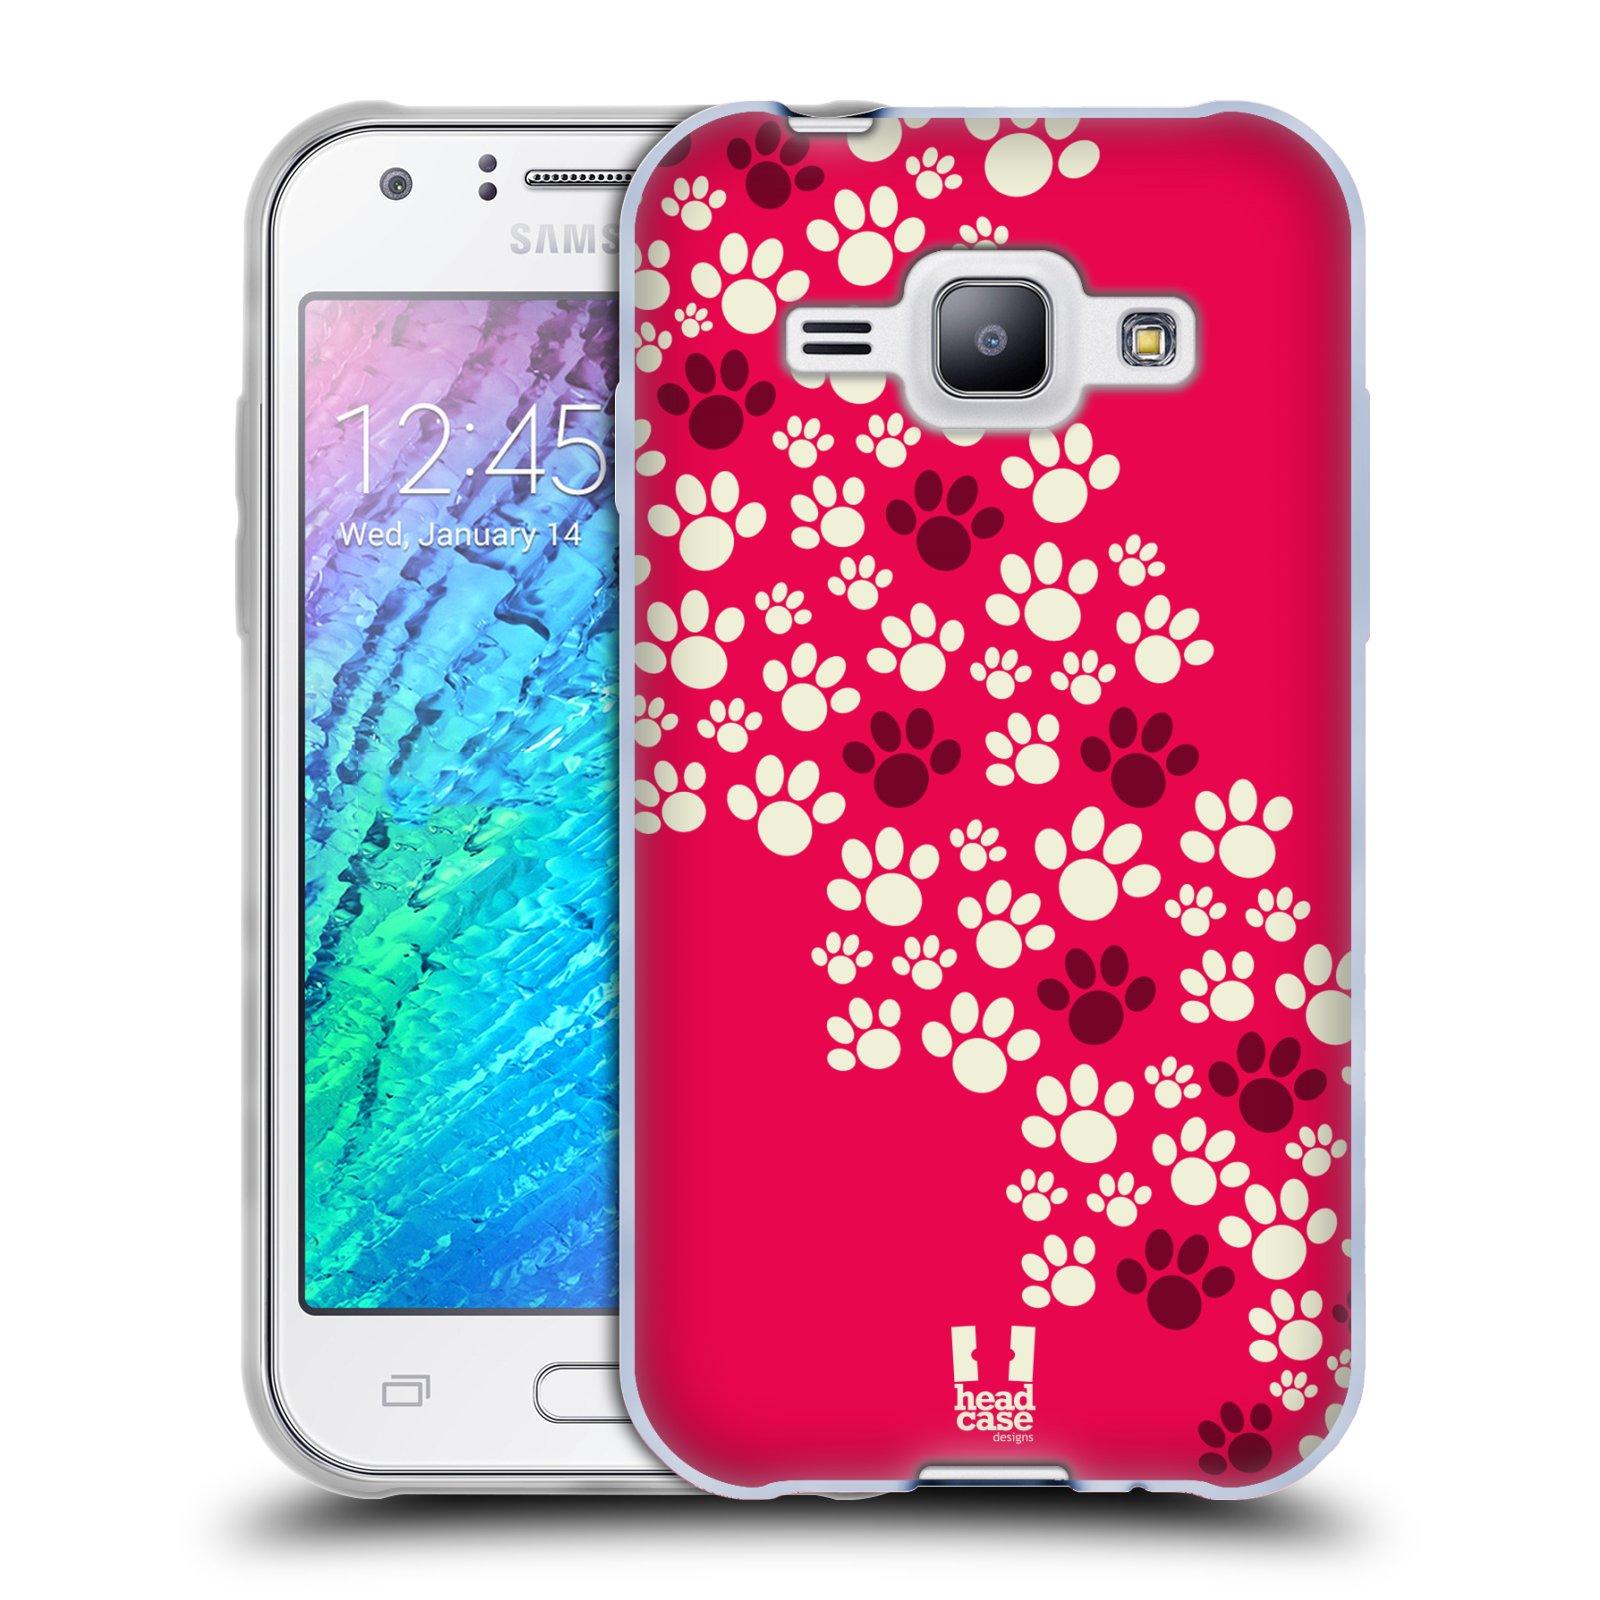 Silikonové pouzdro na mobil Samsung Galaxy J1 HEAD CASE TLAPKY RŮŽOVÉ (Silikonový kryt či obal na mobilní telefon Samsung Galaxy J1 a J1 Duos)